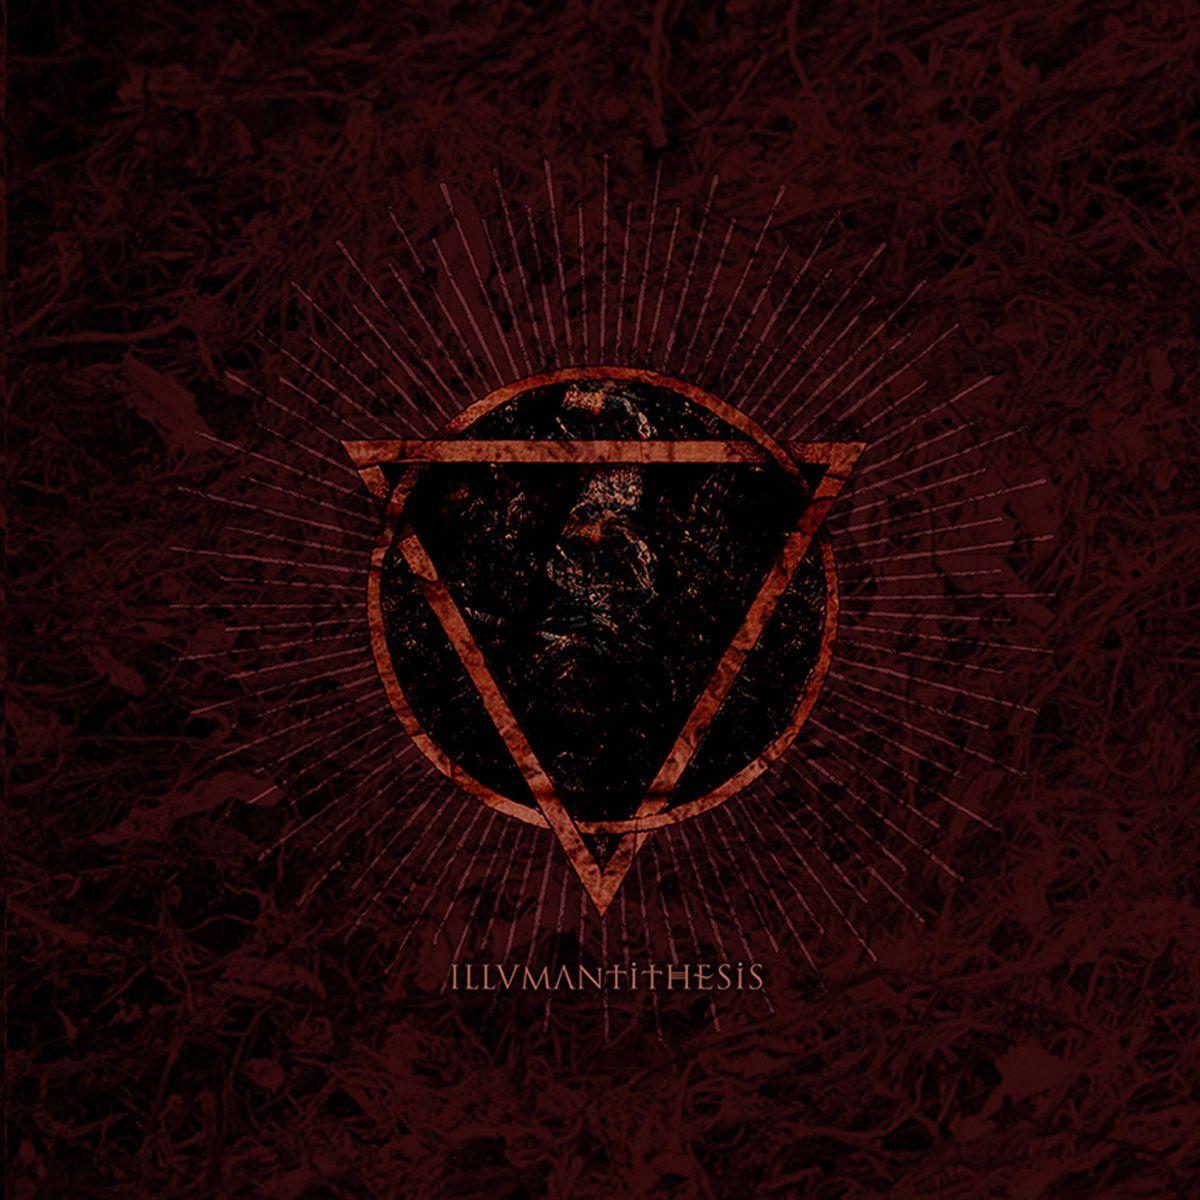 Enlighten - Illvmantithesis